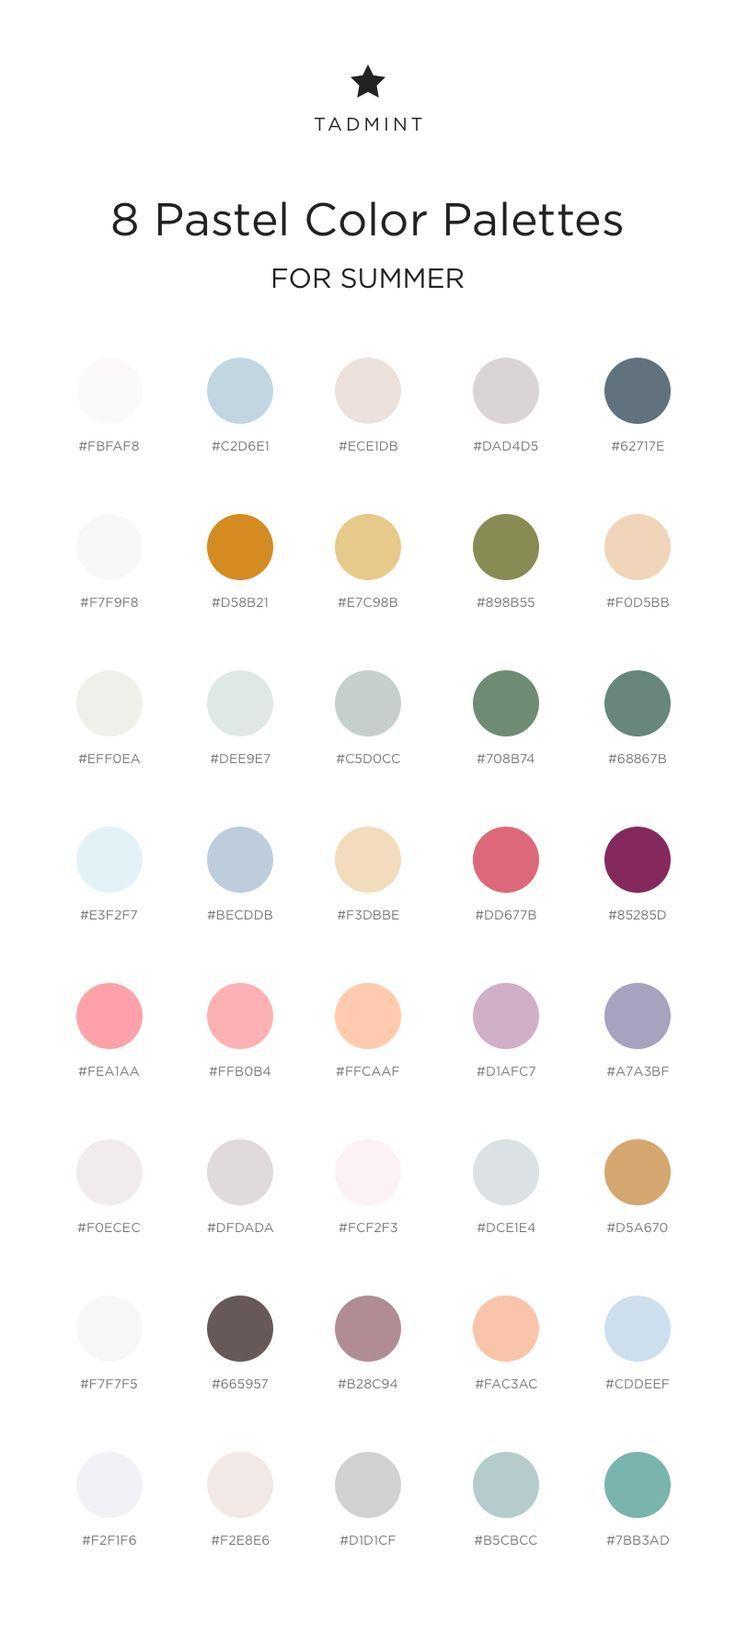 Aesthetic Color Codes : aesthetic, color, codes, Pastel, Color, Palettes, Summer, TADMINT, Colour, Palette,, Pantone, Palettes,, Aesthetic, Colors